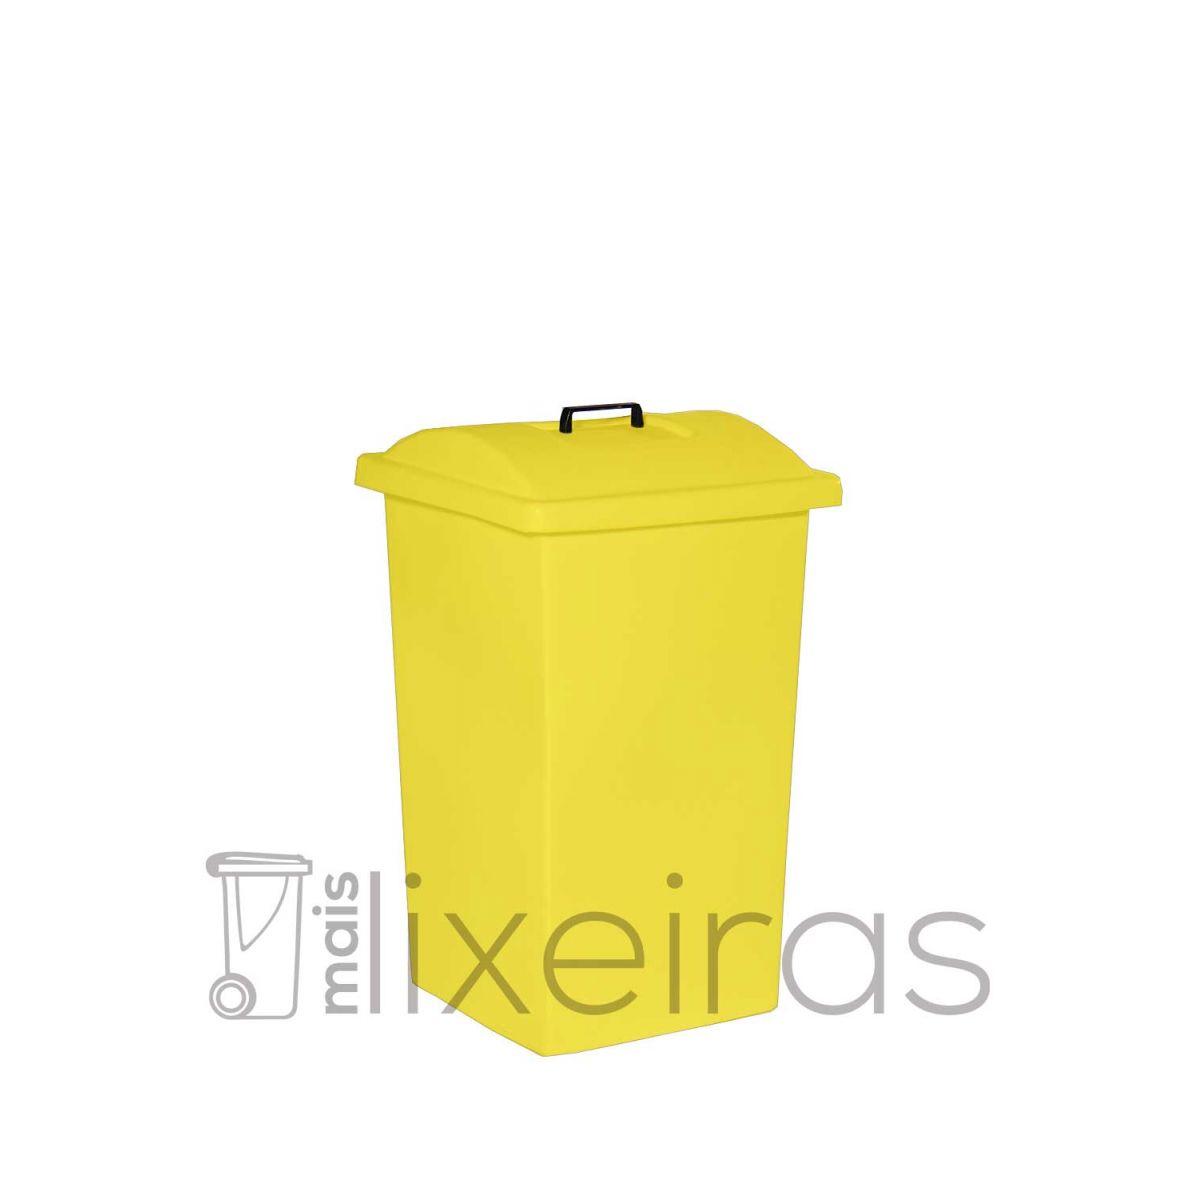 Lixeira plástica reforçada com tampa sobreposta - 60 litros